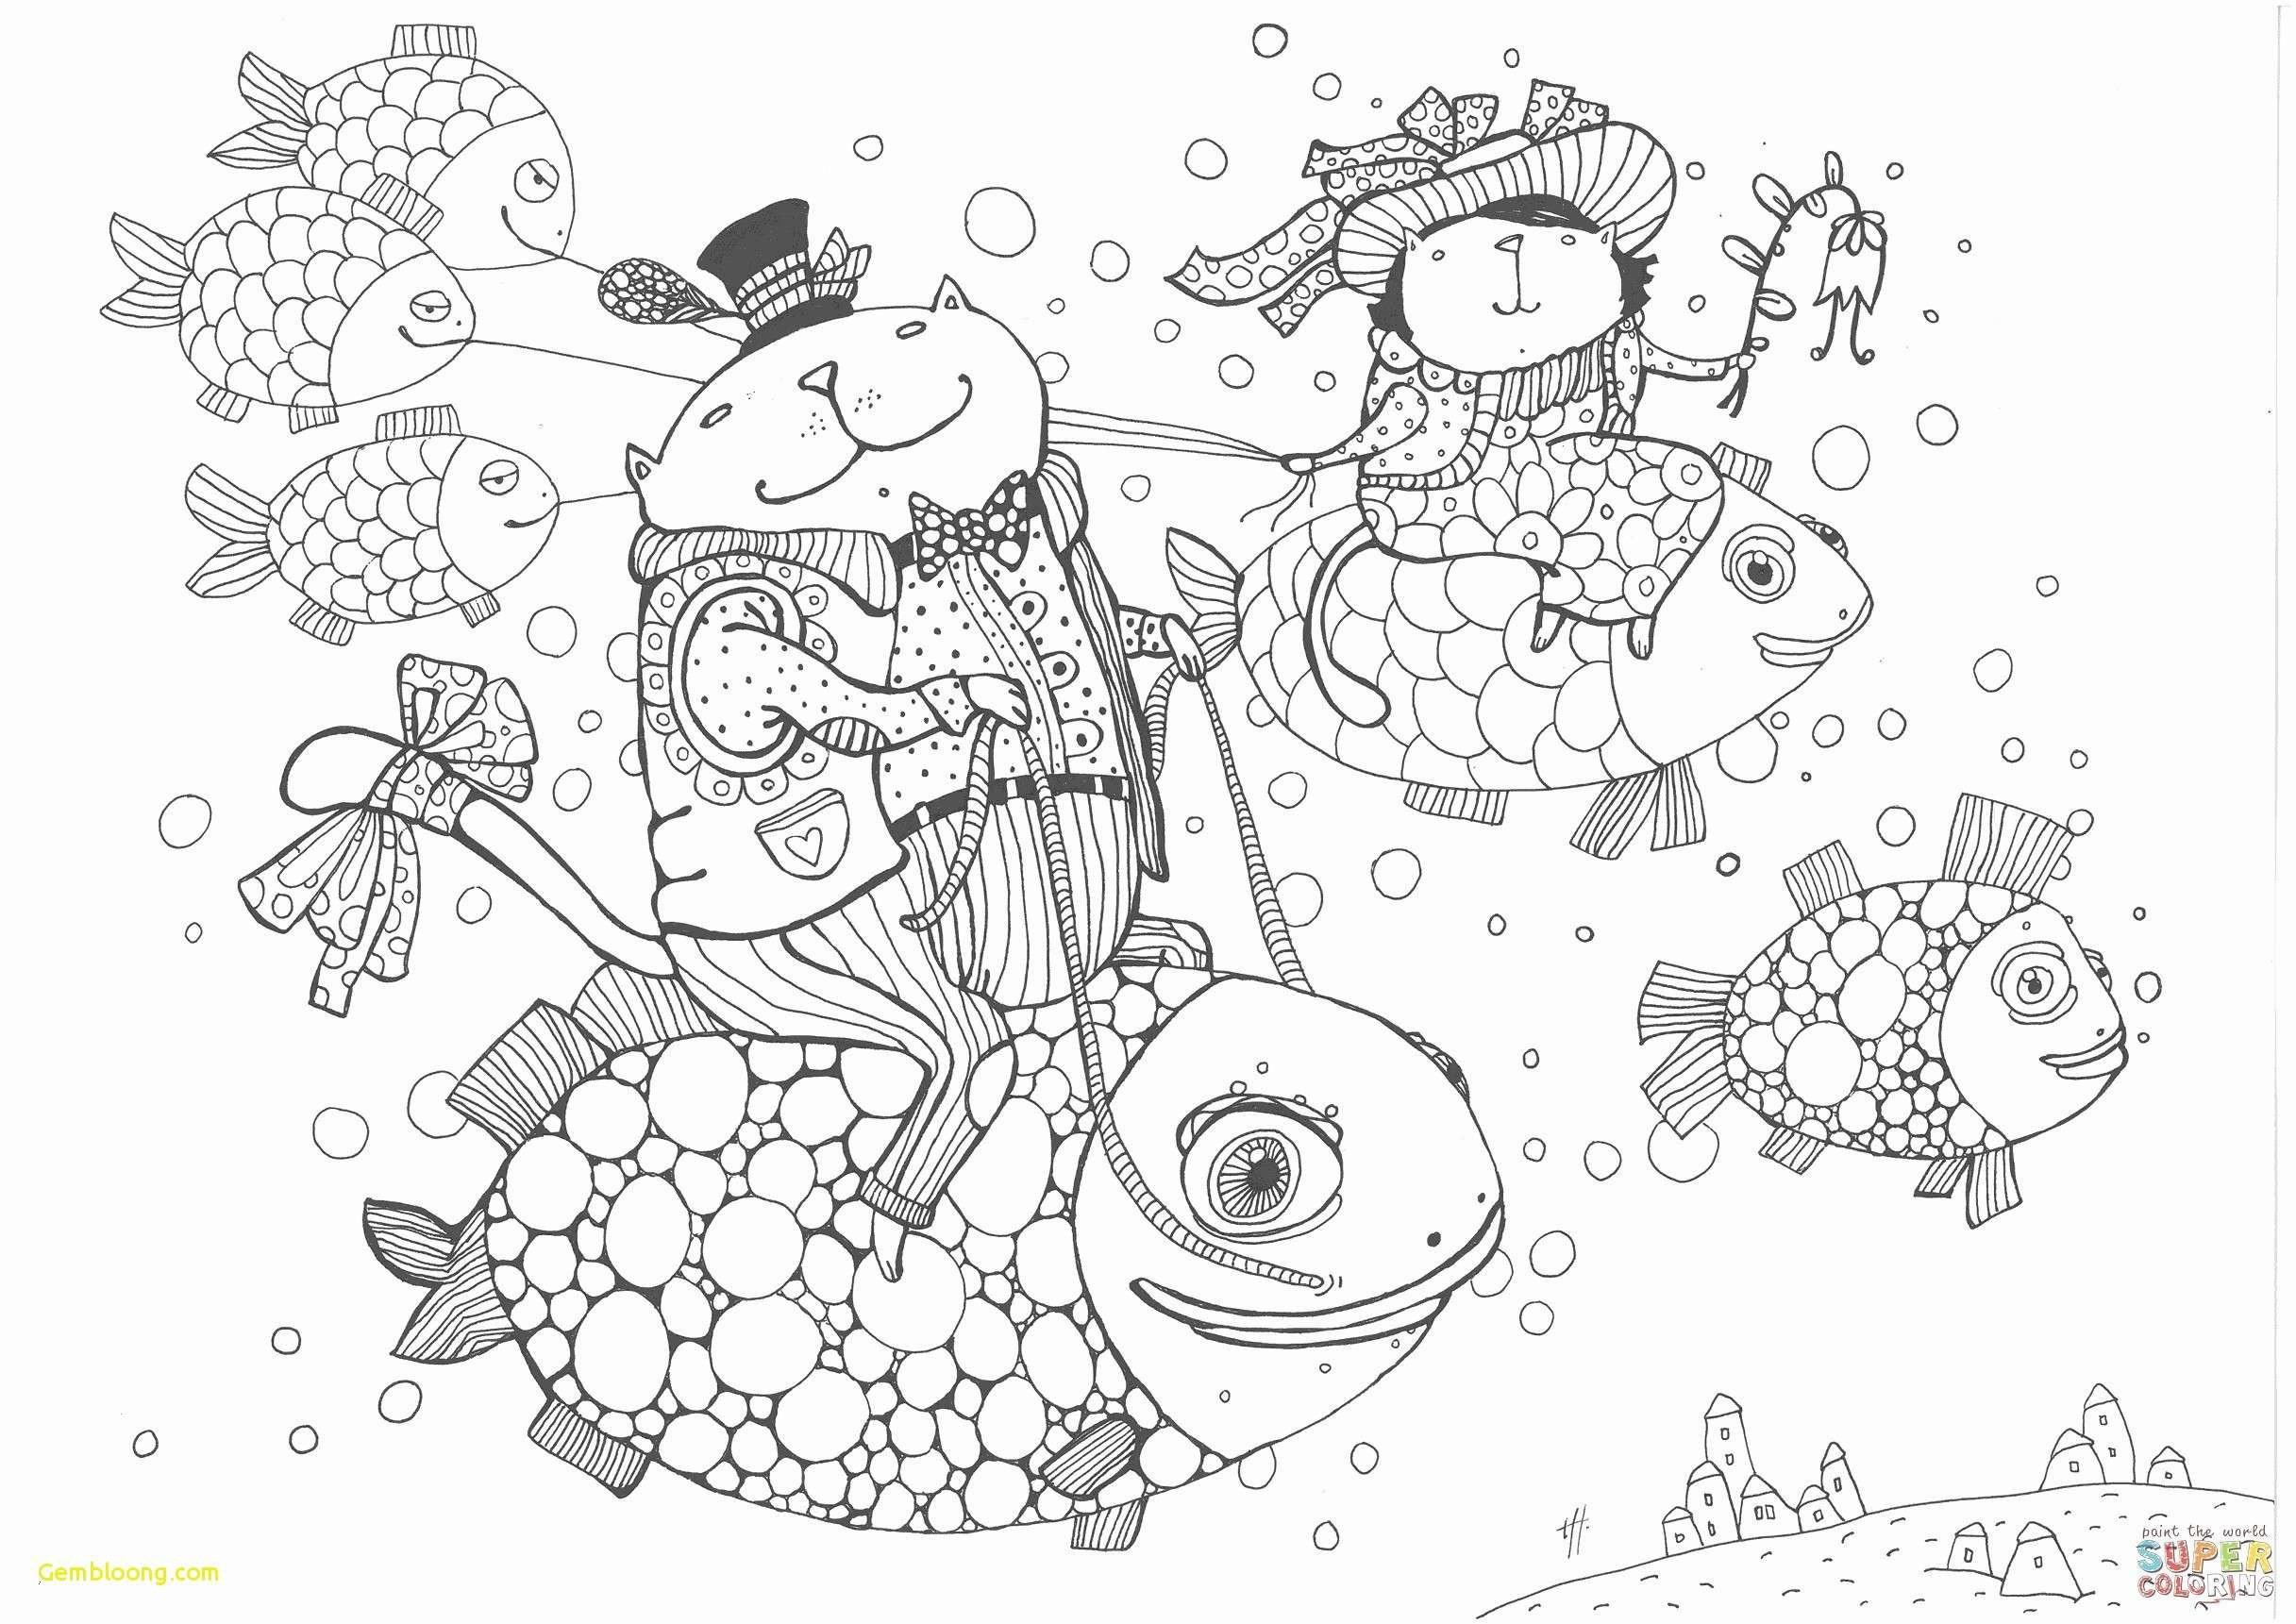 Peppa Pig Ausmalbilder Das Beste Von 40 Ausmalbilder Erdbeere Scoredatscore Genial Hase Ausmalbilder Zum Bild